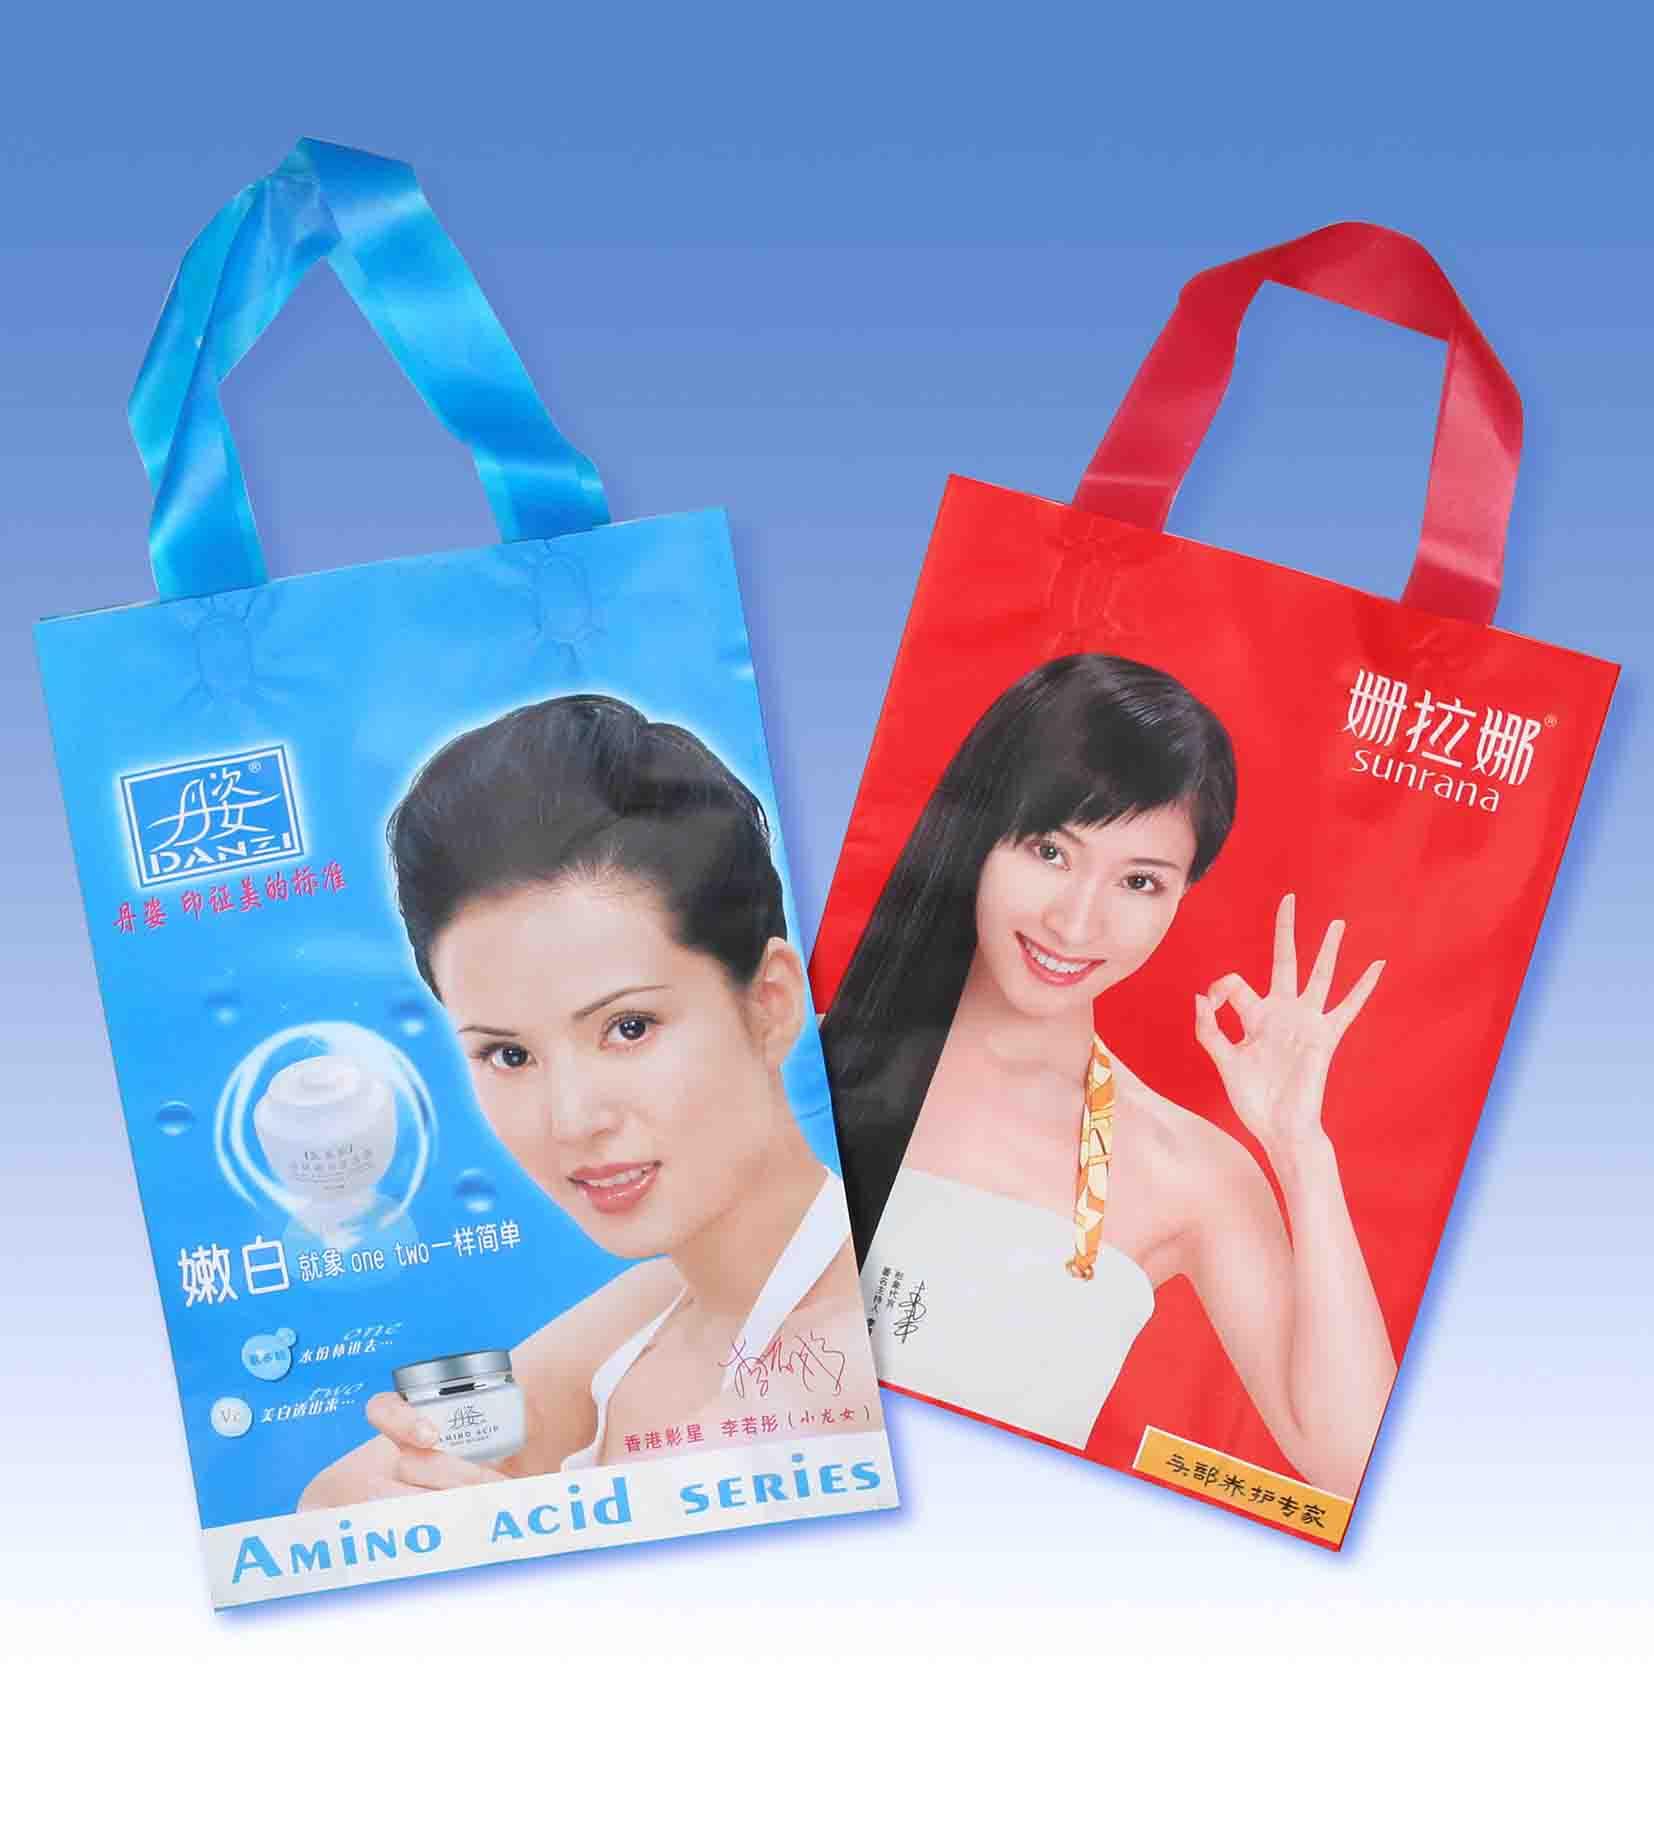 【扬州pe包装袋塑料袋】_扬州pe包装袋塑料袋批发_... - 阿里巴巴